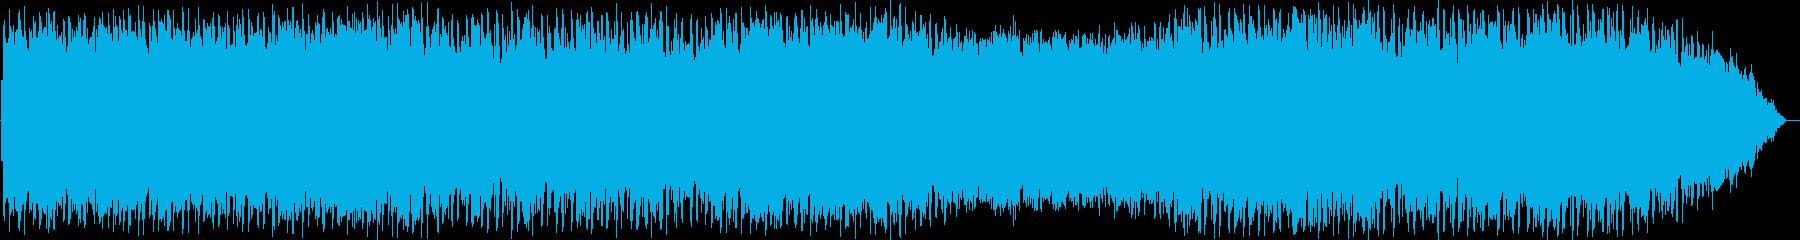 のどかな風のヒーリングミュージックの再生済みの波形